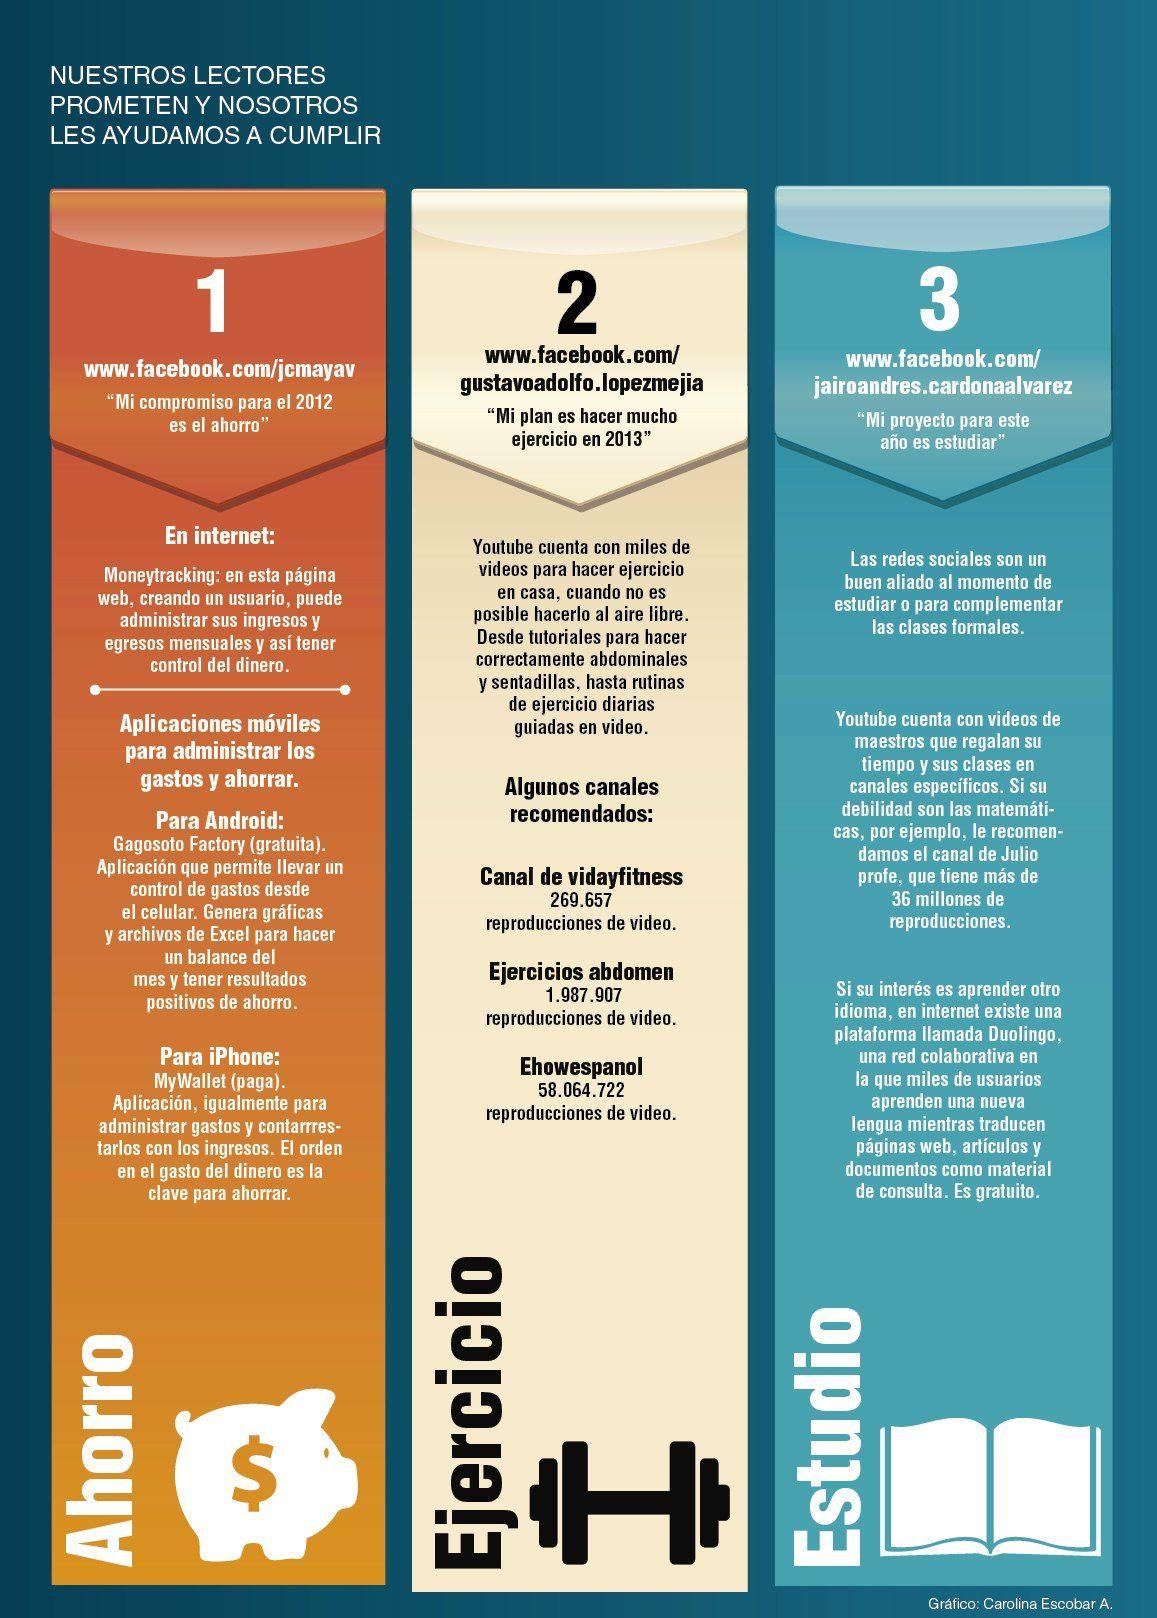 Cómo cumplir los propósitos para el año nuevo usando las redes sociales. Publicado el 26 de diciembre de 2012.